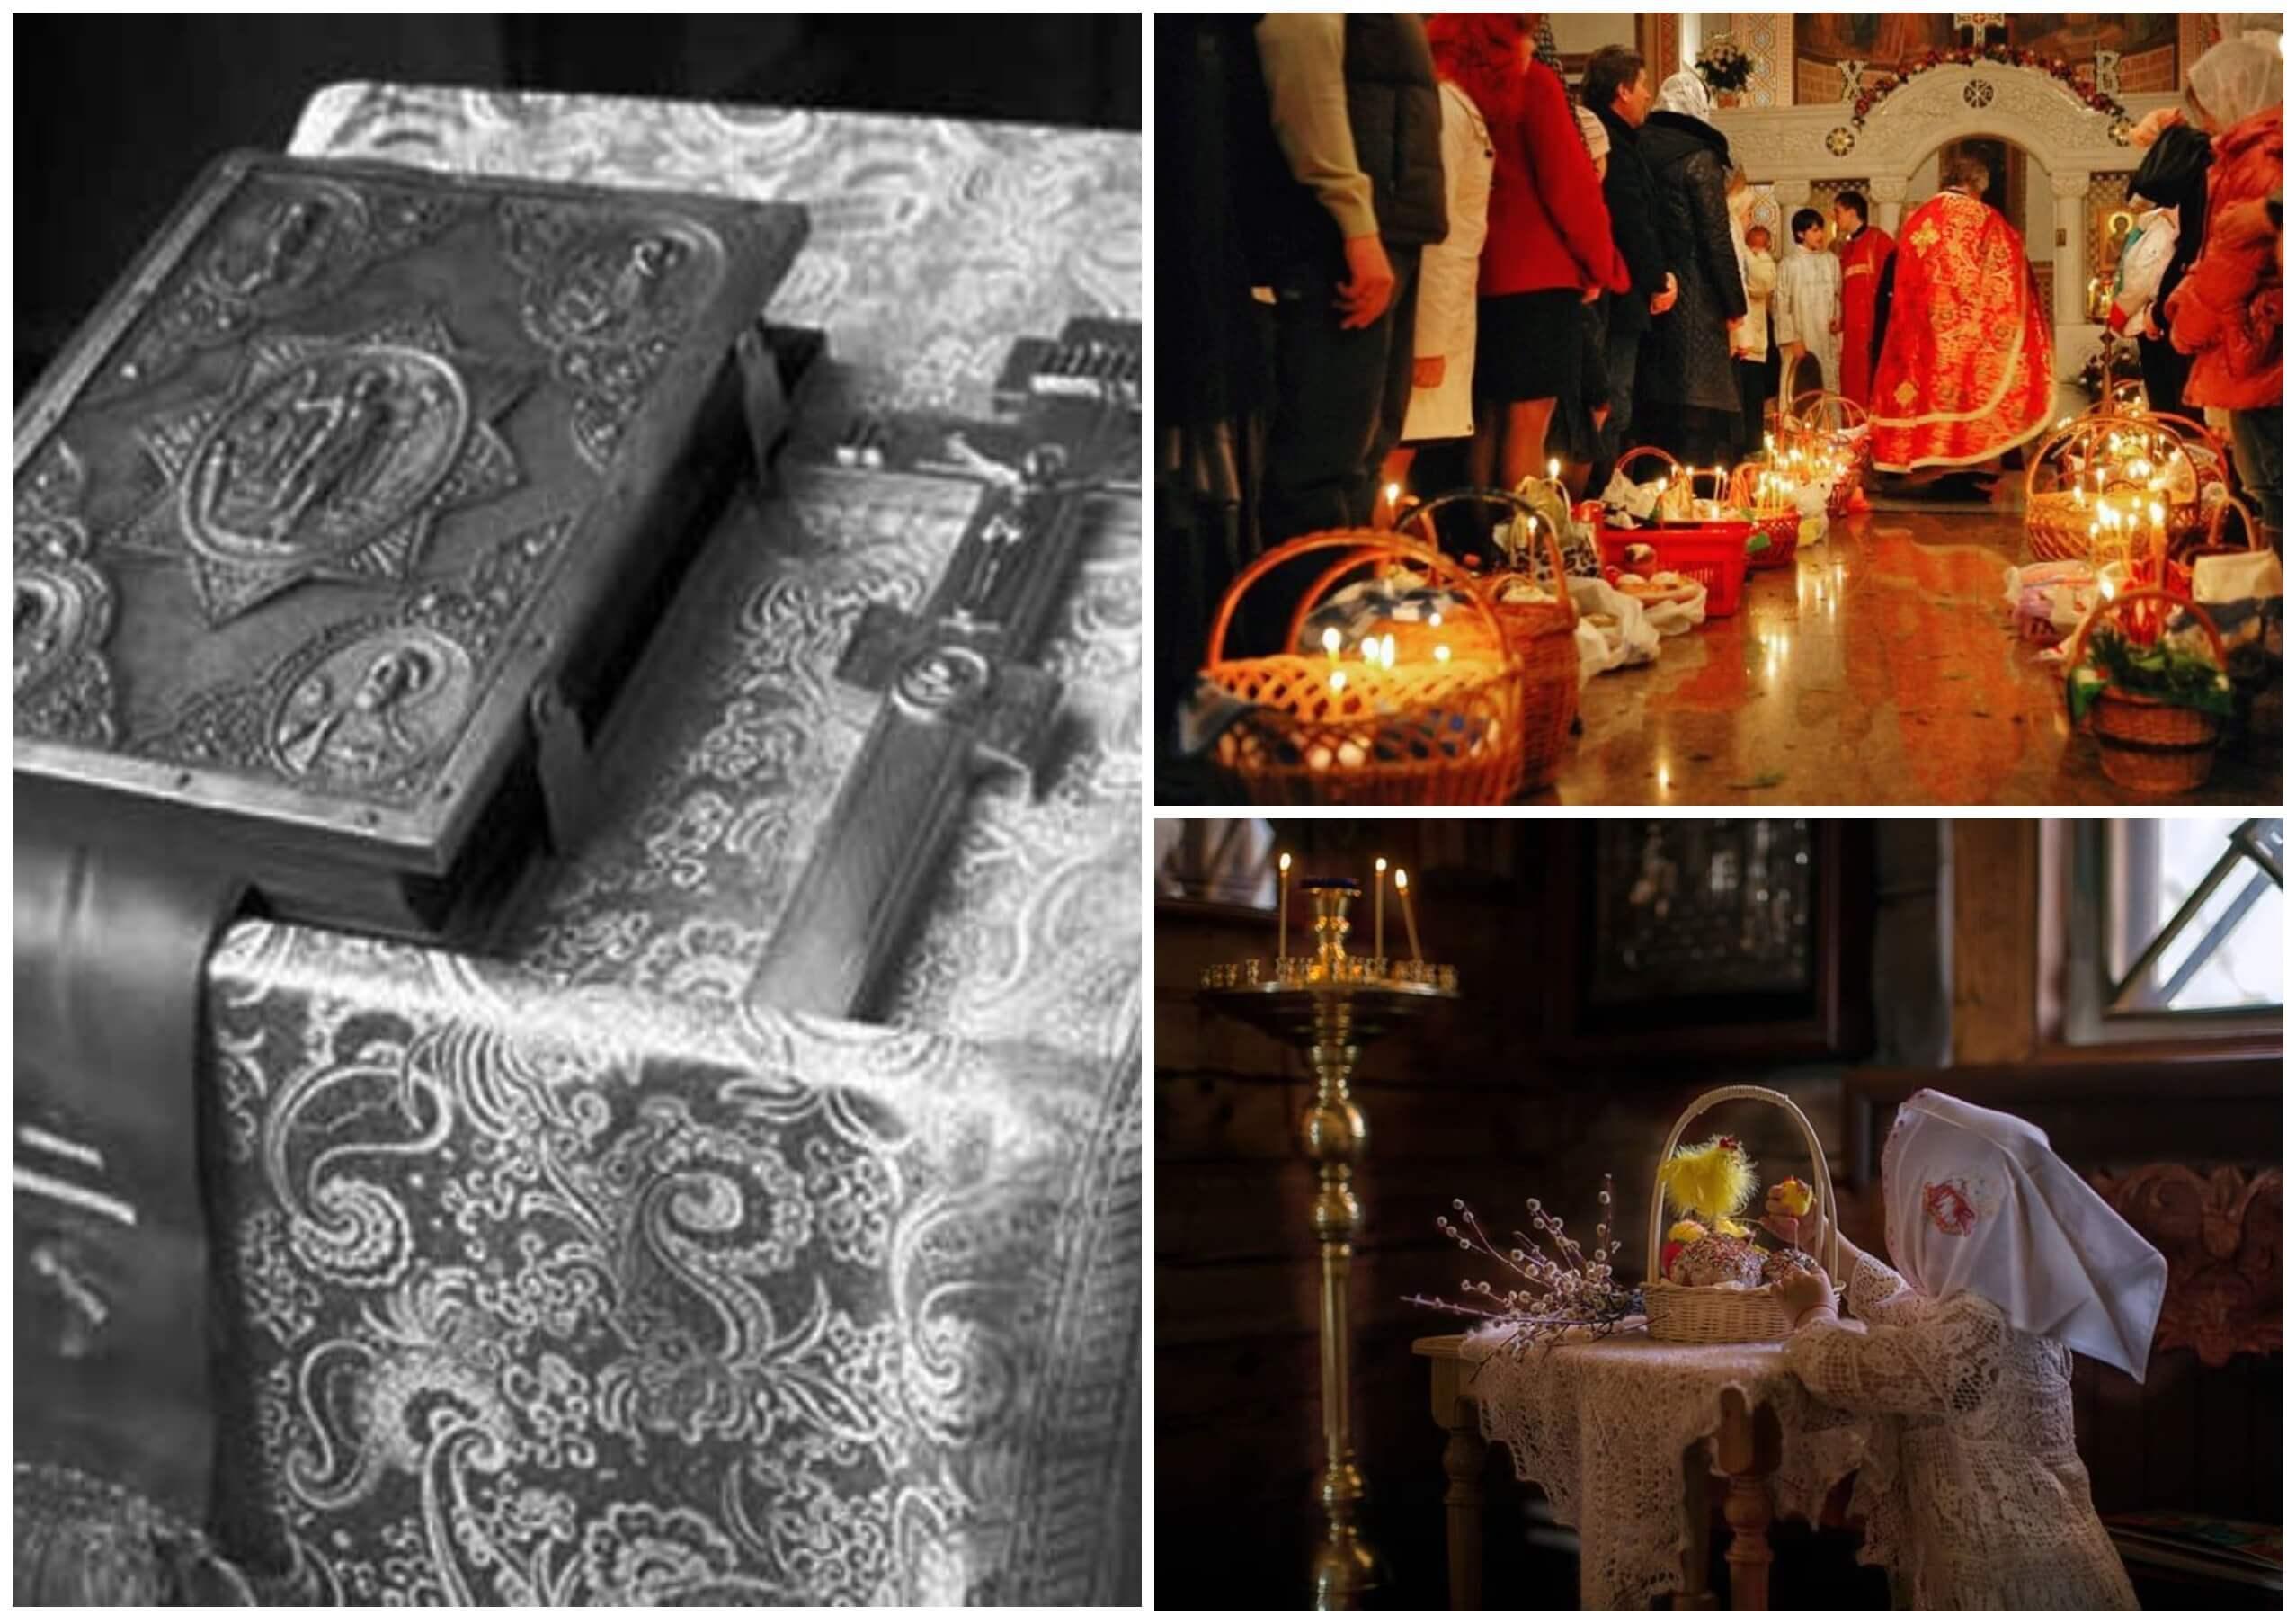 На фото изображены пасхальная служба в церкви, евангелие и распятие на столе.